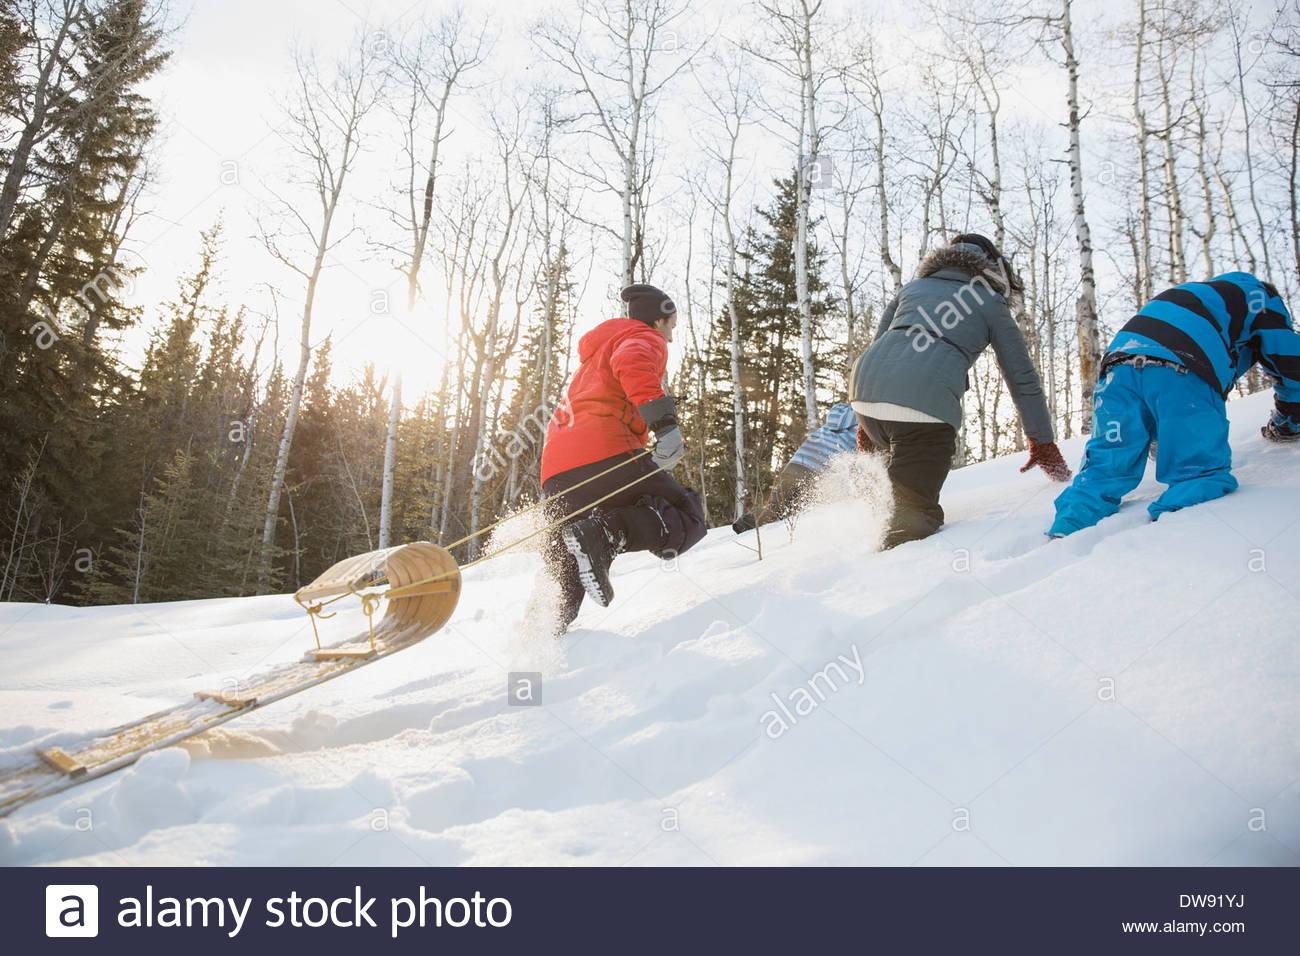 Family walking up hill pulling toboggan - Stock Image